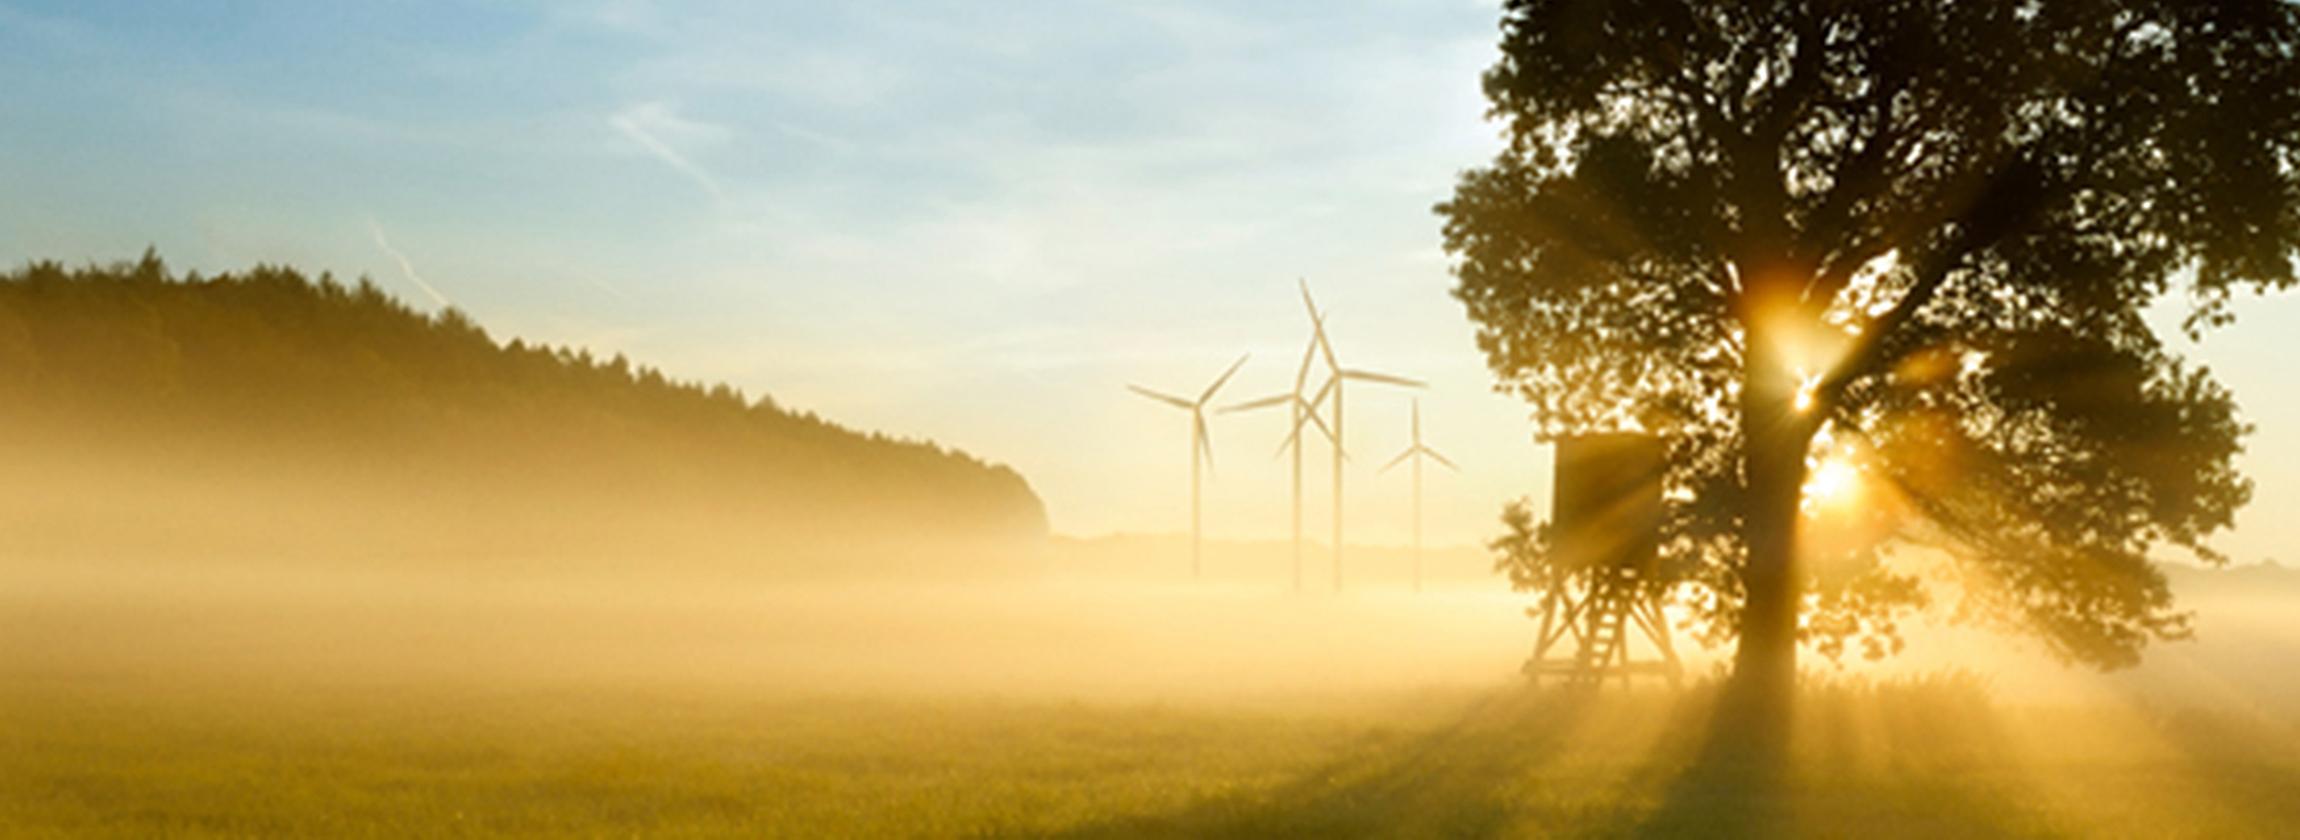 Nachhaltigkeit-2300x840